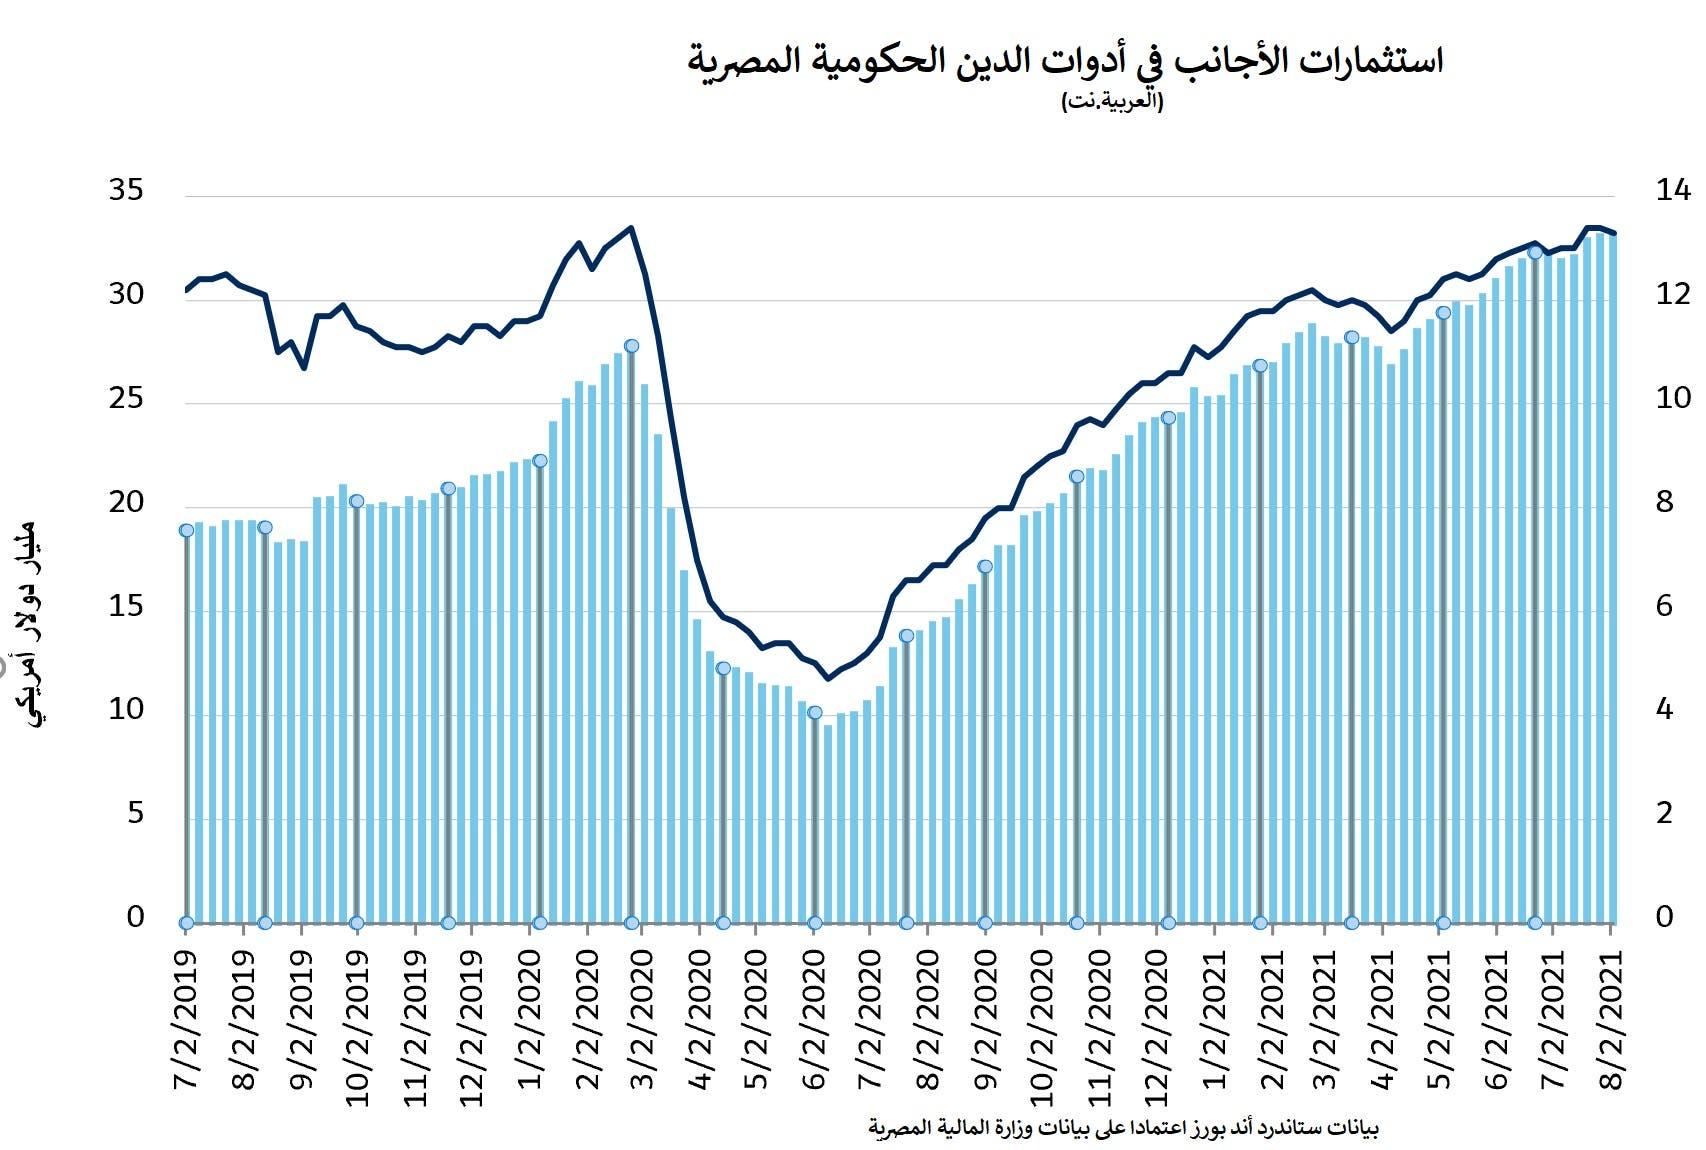 استثمارات الأجانب في أدوات الدين الحكومية المصرية